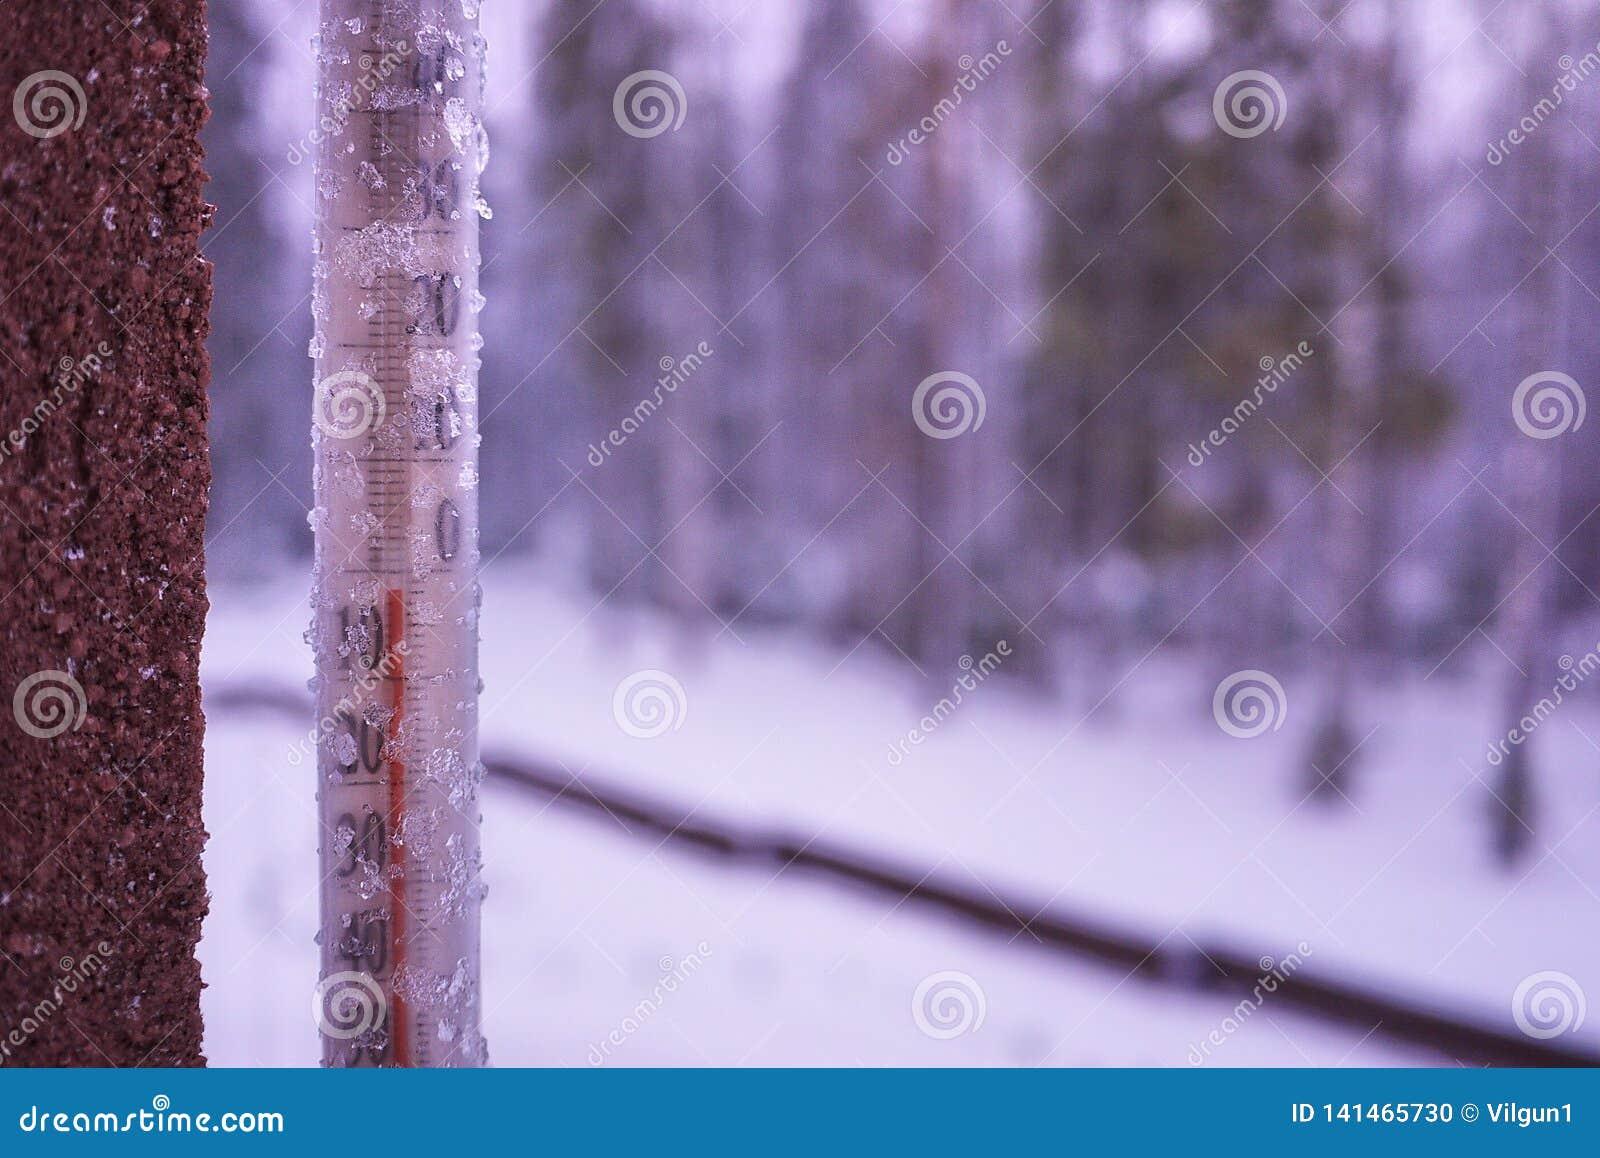 Termómetro en un día frío o medidas calientes del día la temperatura Termómetro análogo